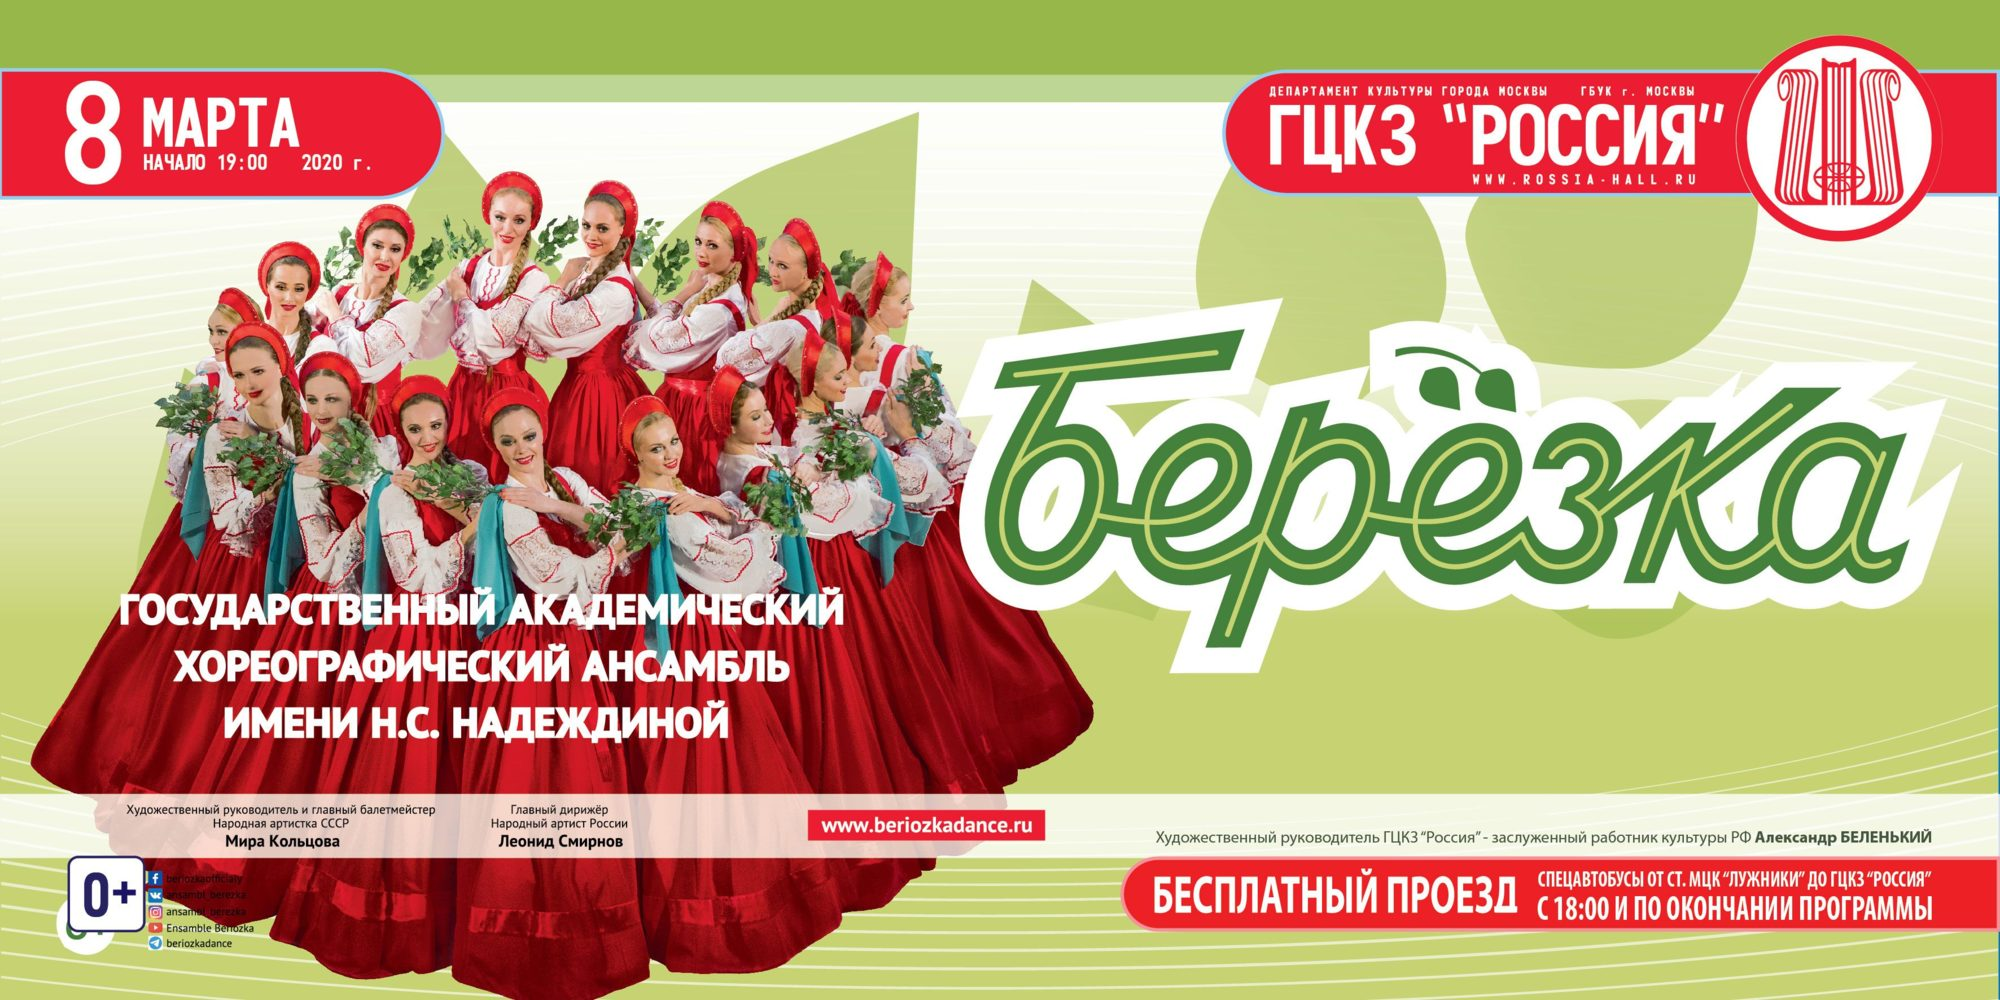 Концерт хореографического ансамбля «Березка» – события на сайте «Московские Сезоны»